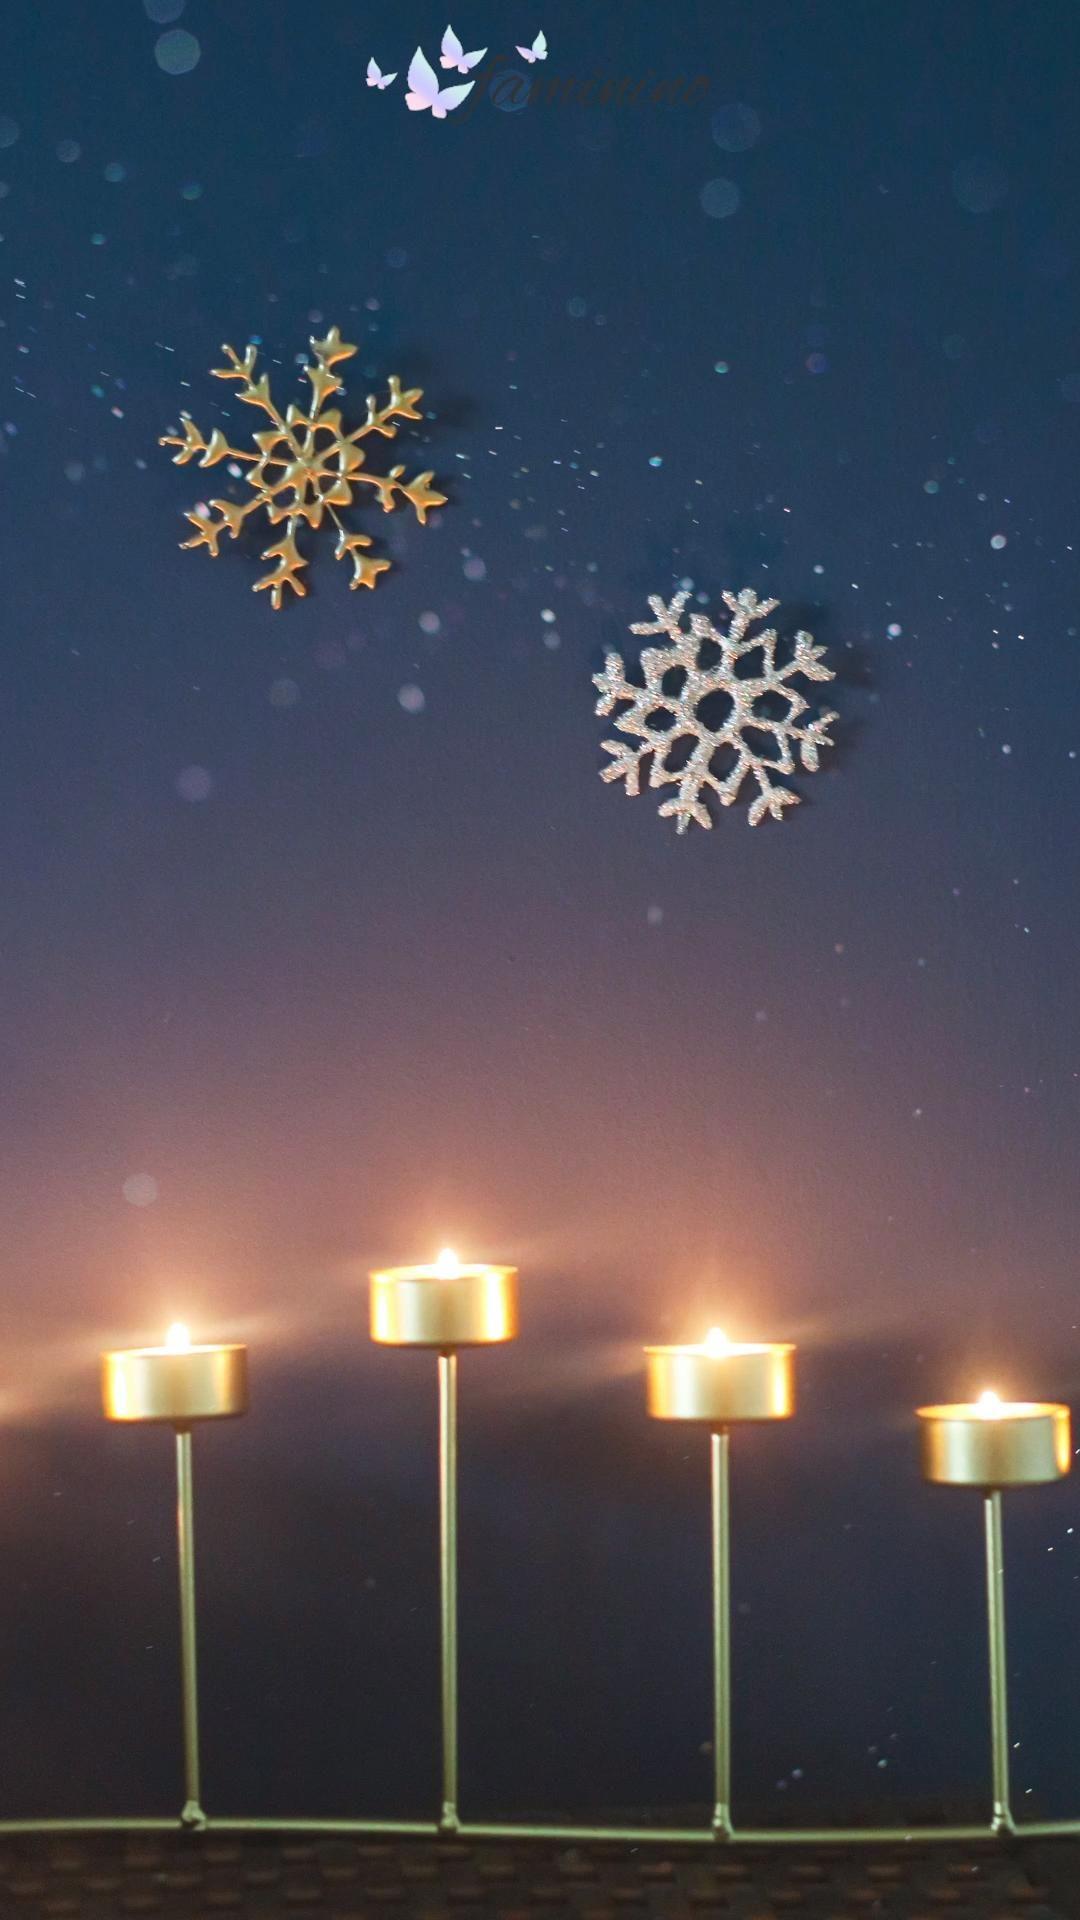 Schneeflocken aus Heißkleber? Was sich zunächst komisch anhört, entpuppt sich als wahre Schönheit! So simpel haben wir noch nie haltbare und vielseitige Schneeflocken-Deko hergestellt! #schneeflocke #weihnachten #bastelnfürweihnachten